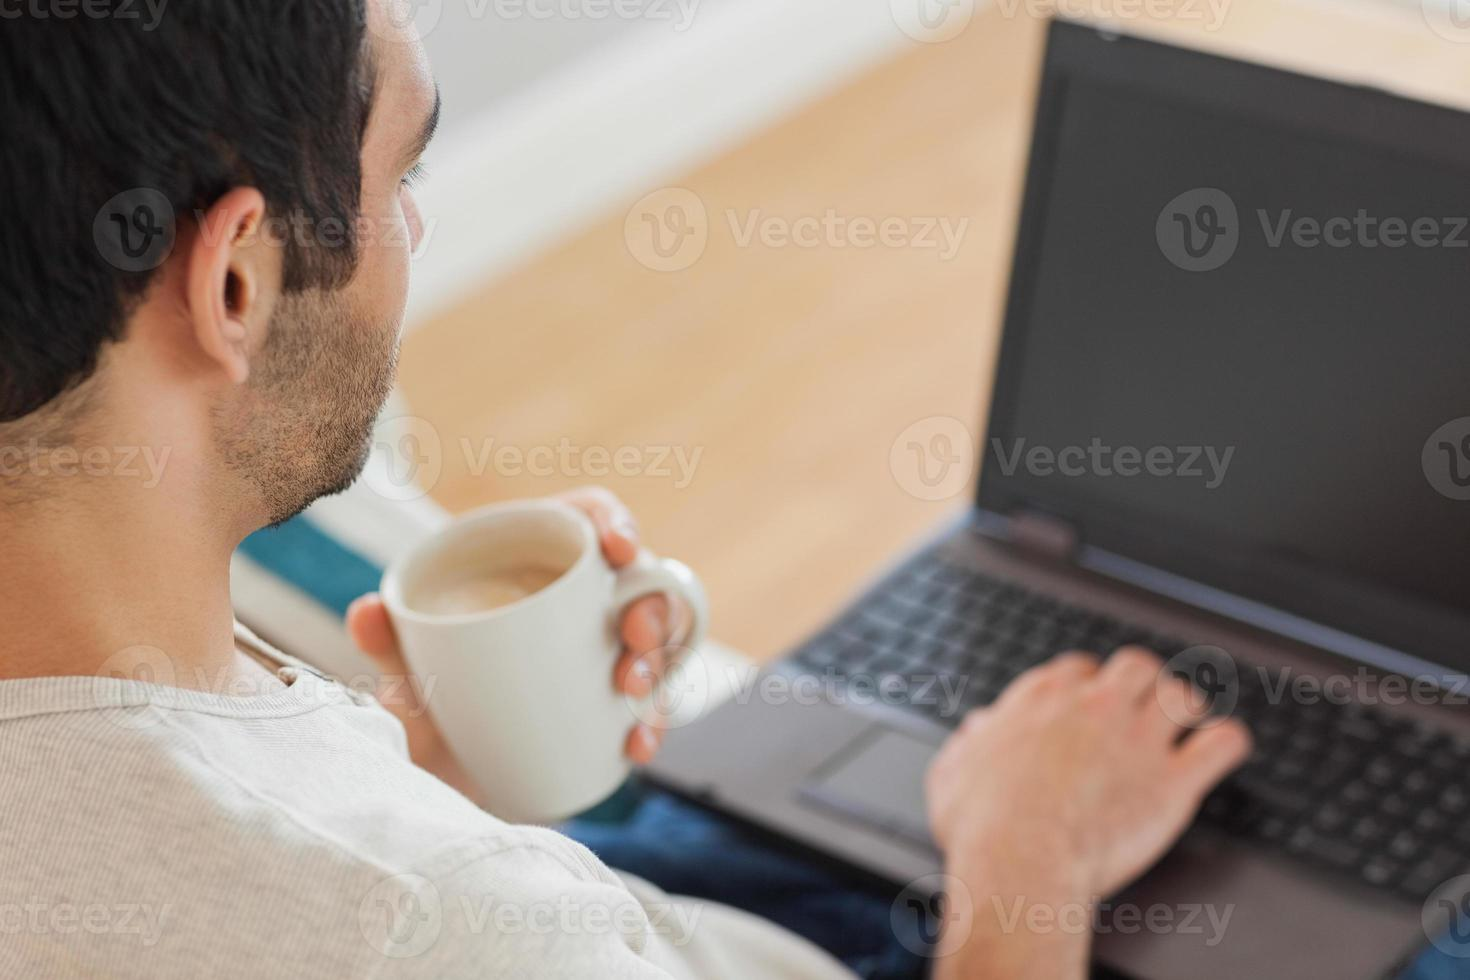 gutaussehender Mann, der Kaffee trinkt, während er seinen Laptop benutzt foto